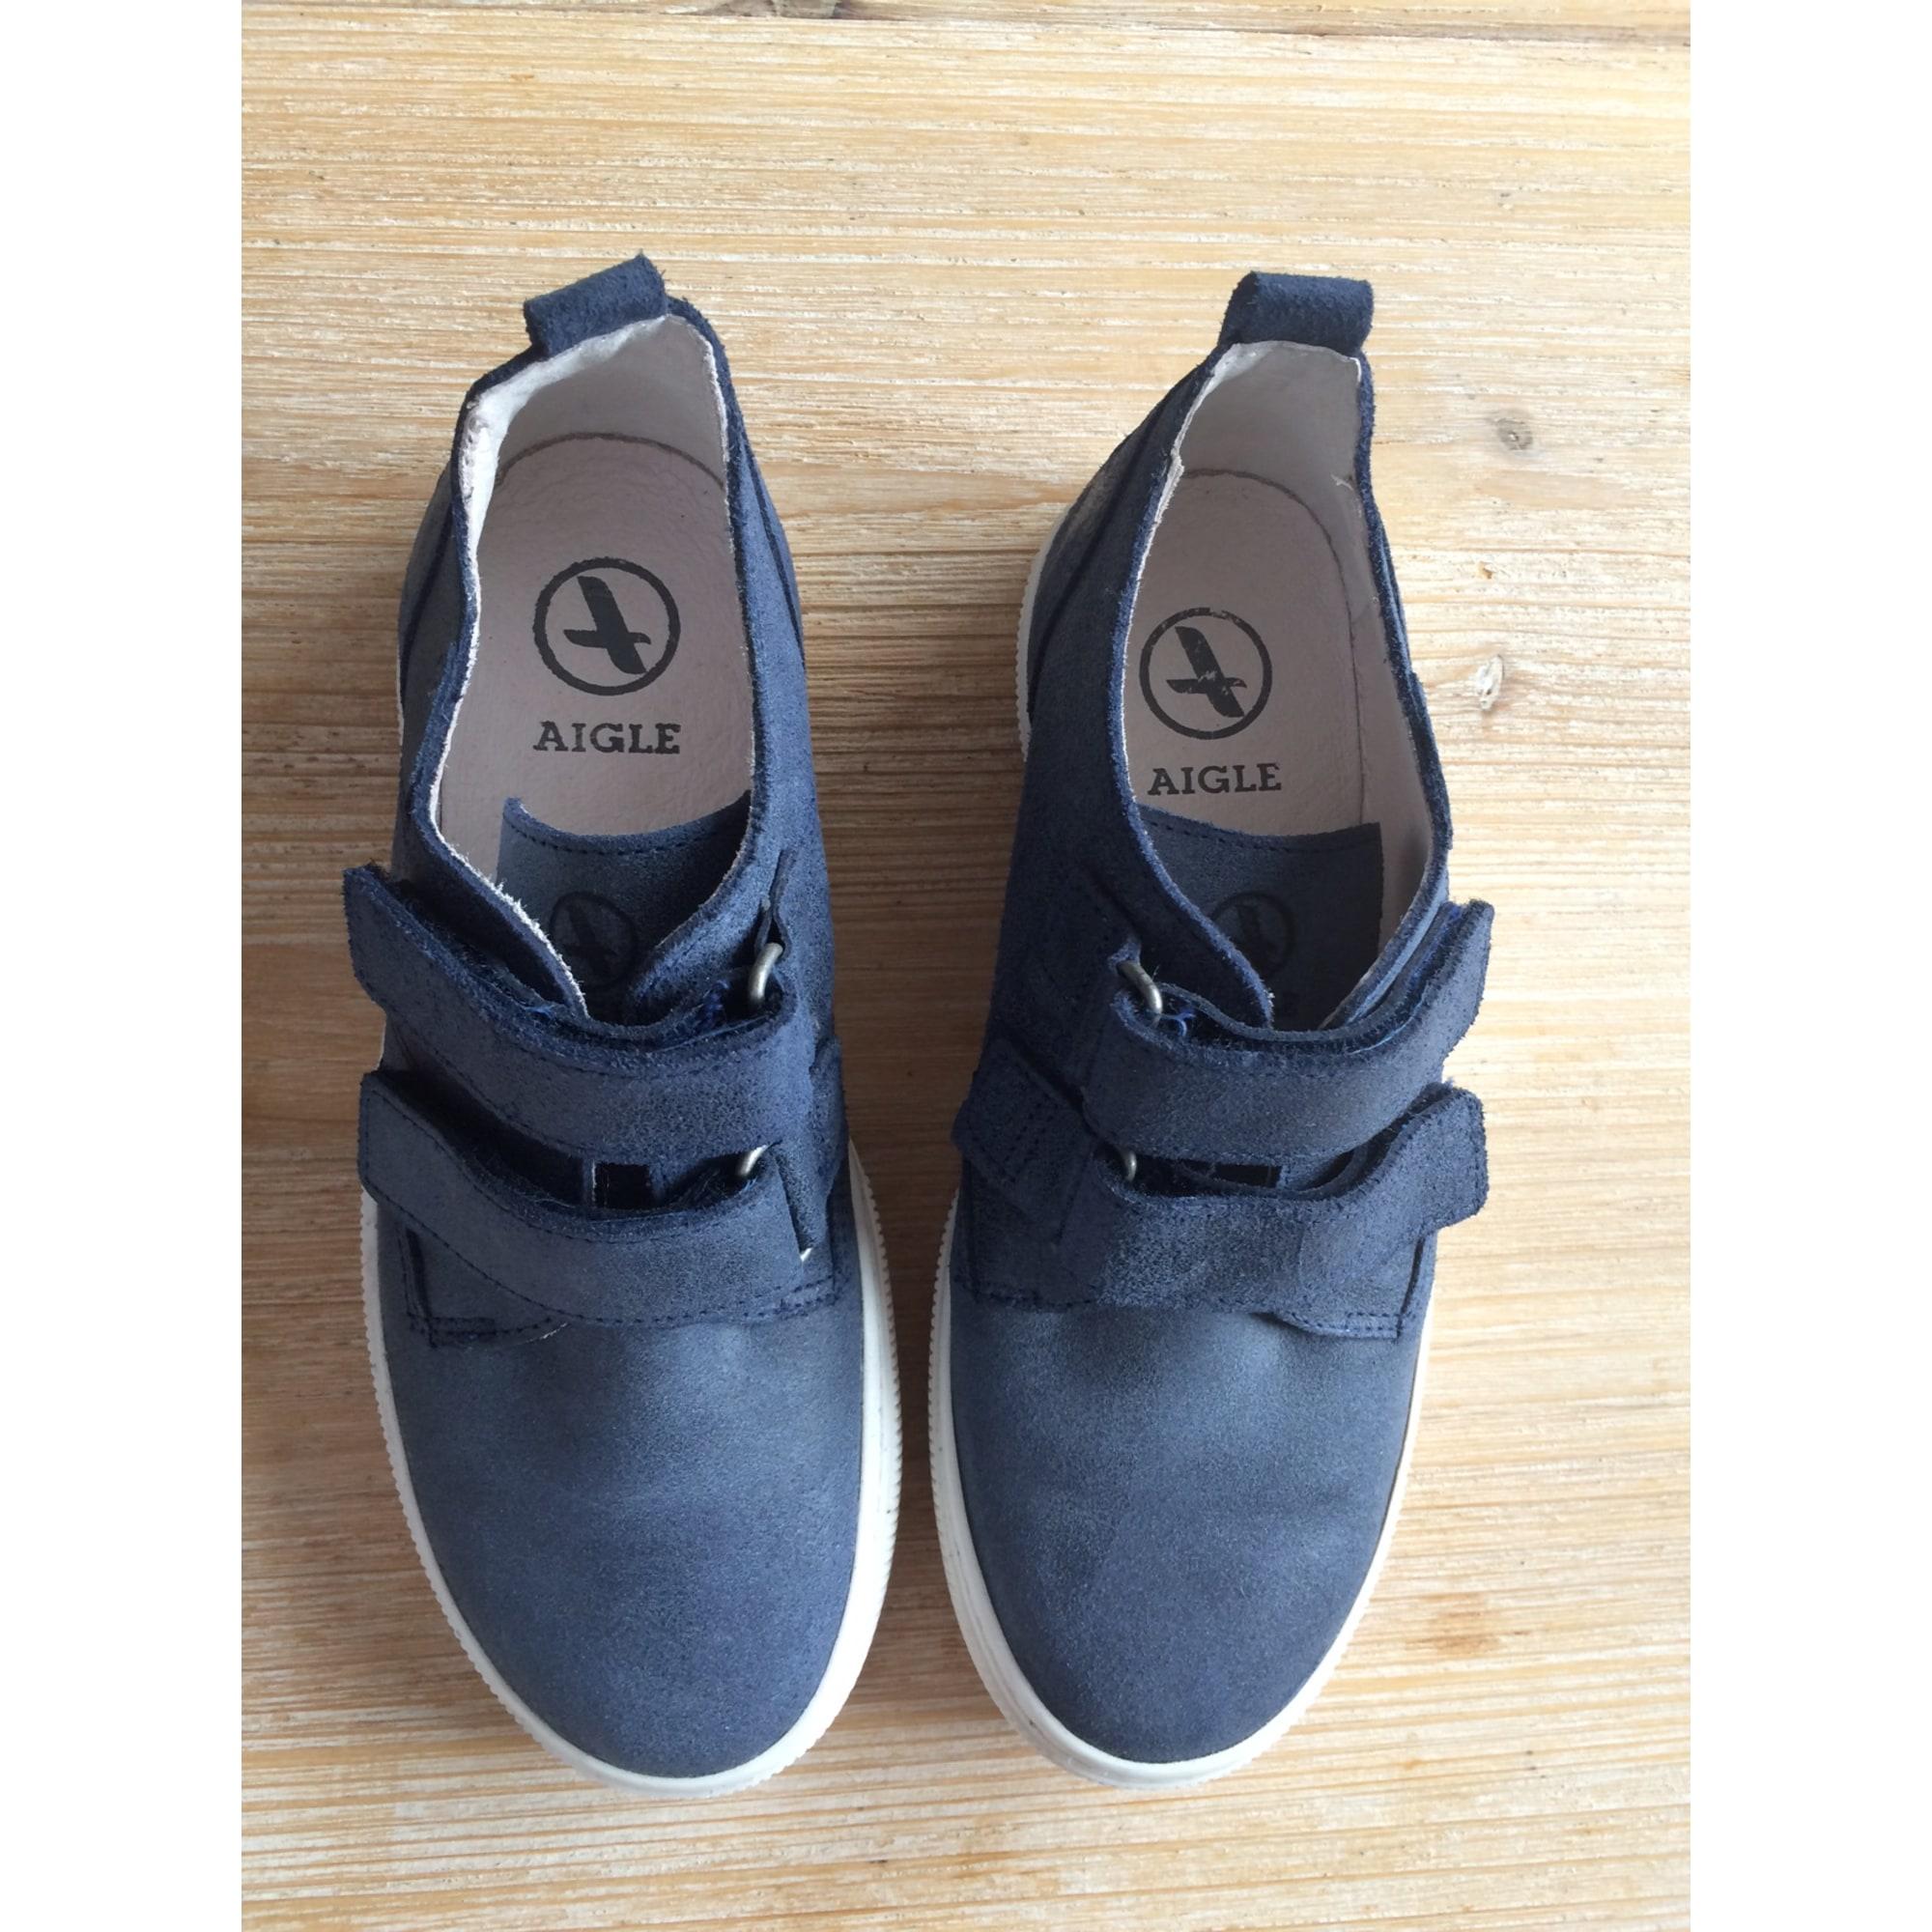 Scratch Chaussures Par Bleu Palombiere 5287478 34 Aigle À Vendu 5wTrwY6x